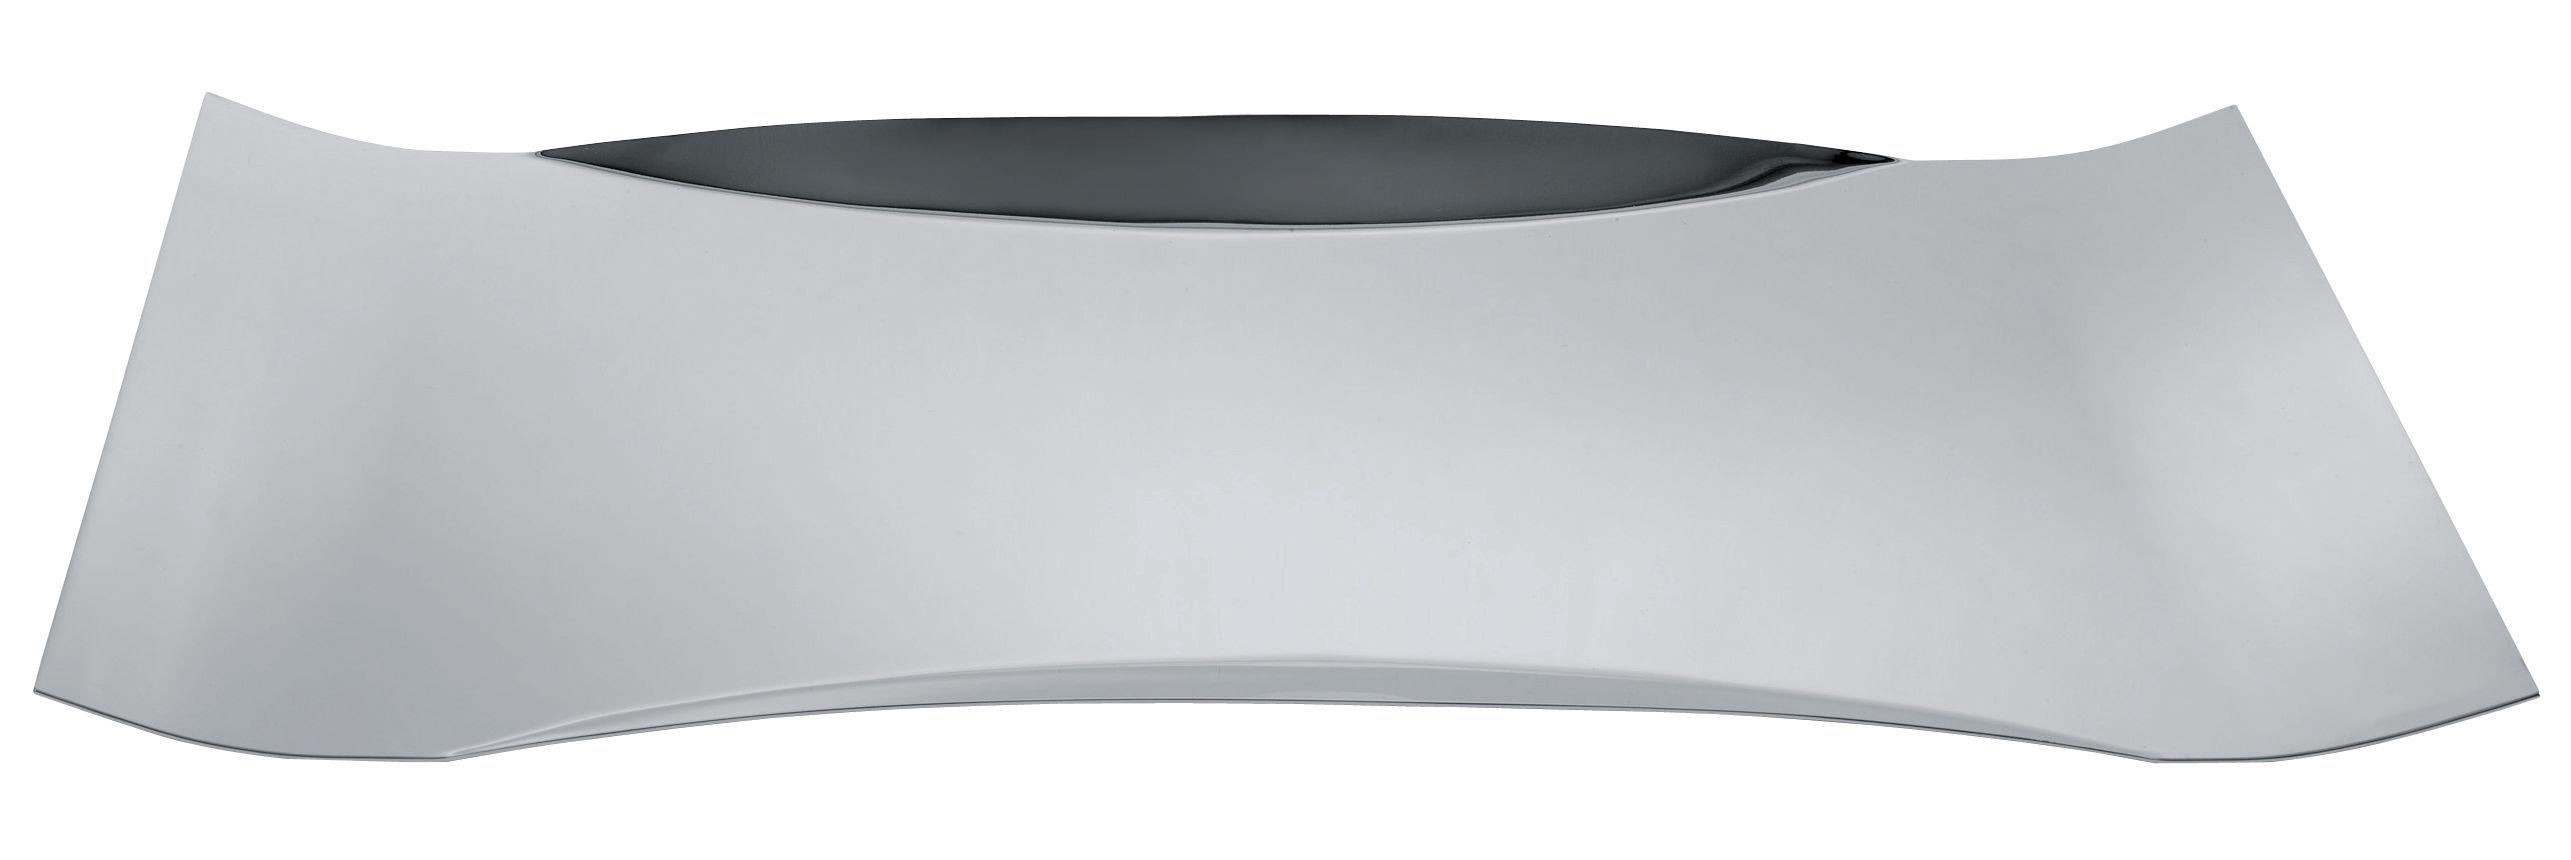 Arredamento moderno lampade design e oggetti design per for Alessi prezzi catalogo